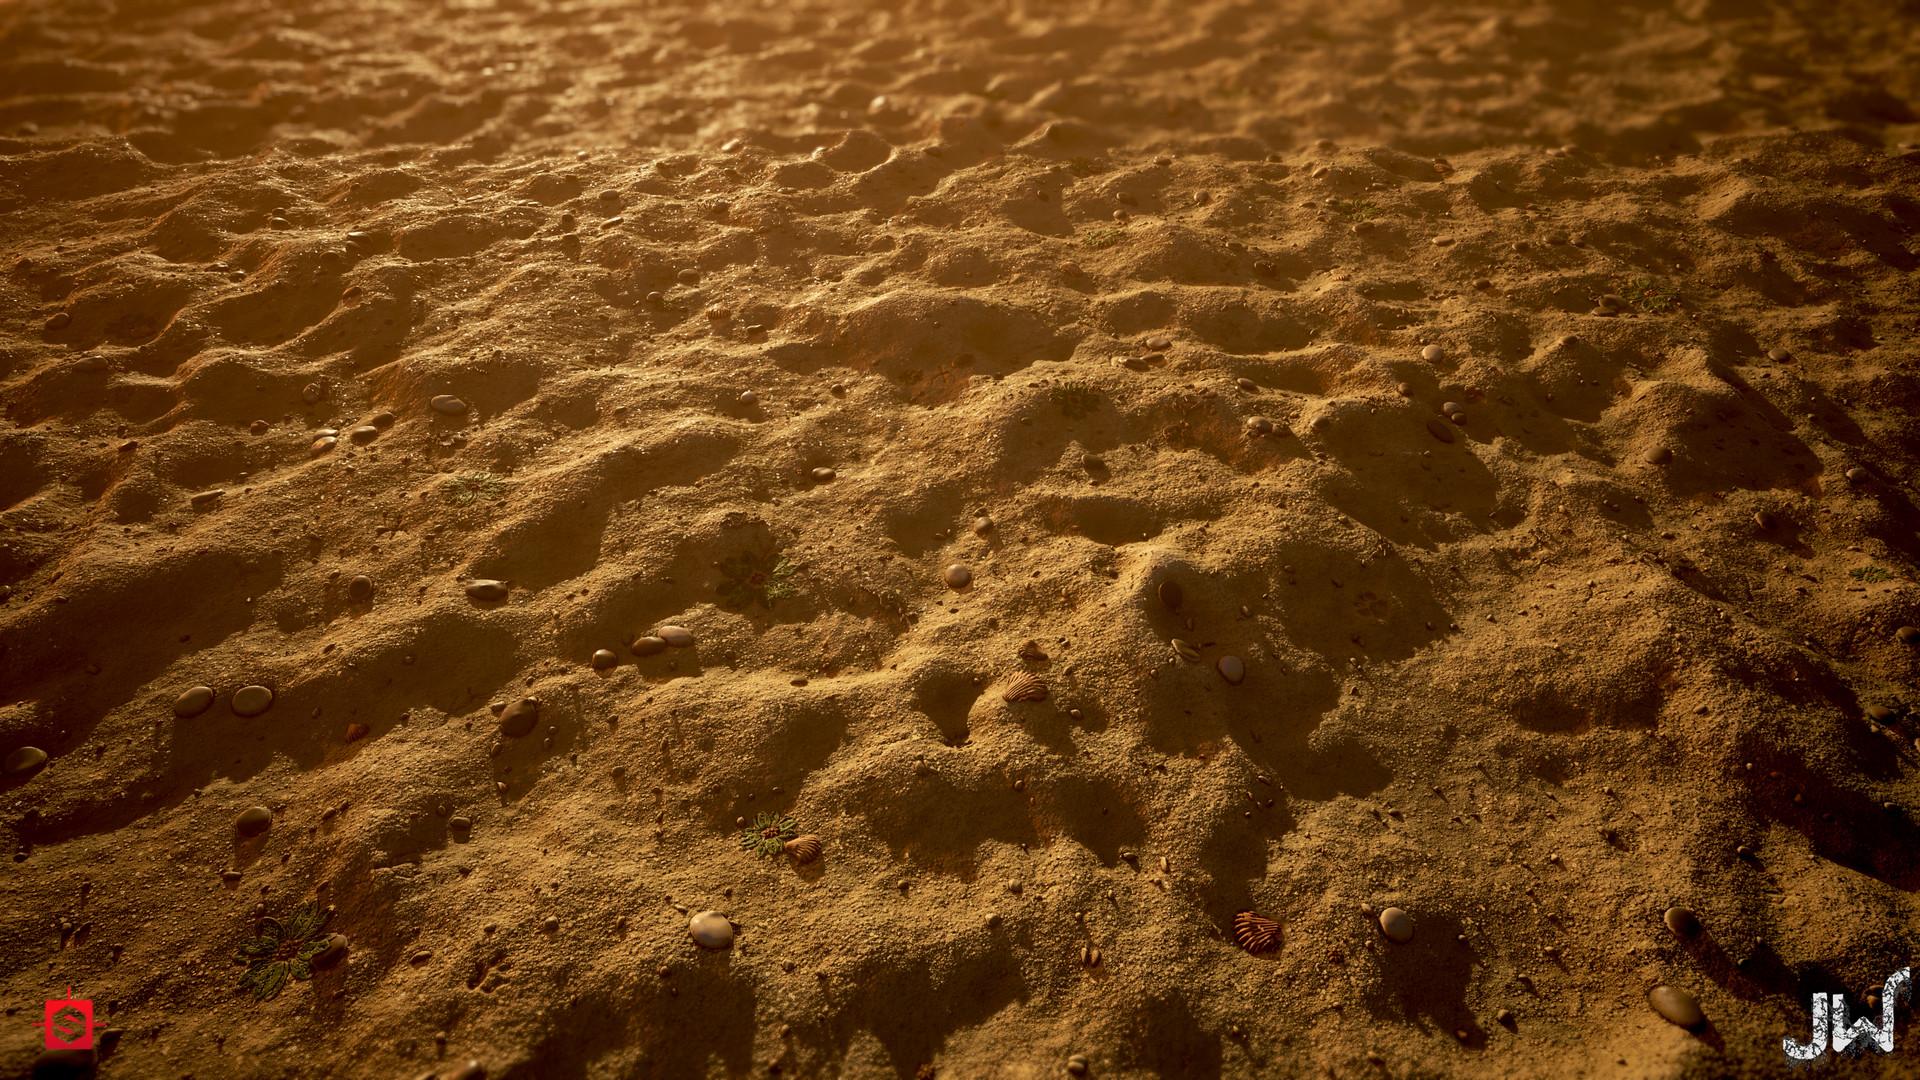 James watson beachsand materialstudy jimwatson second